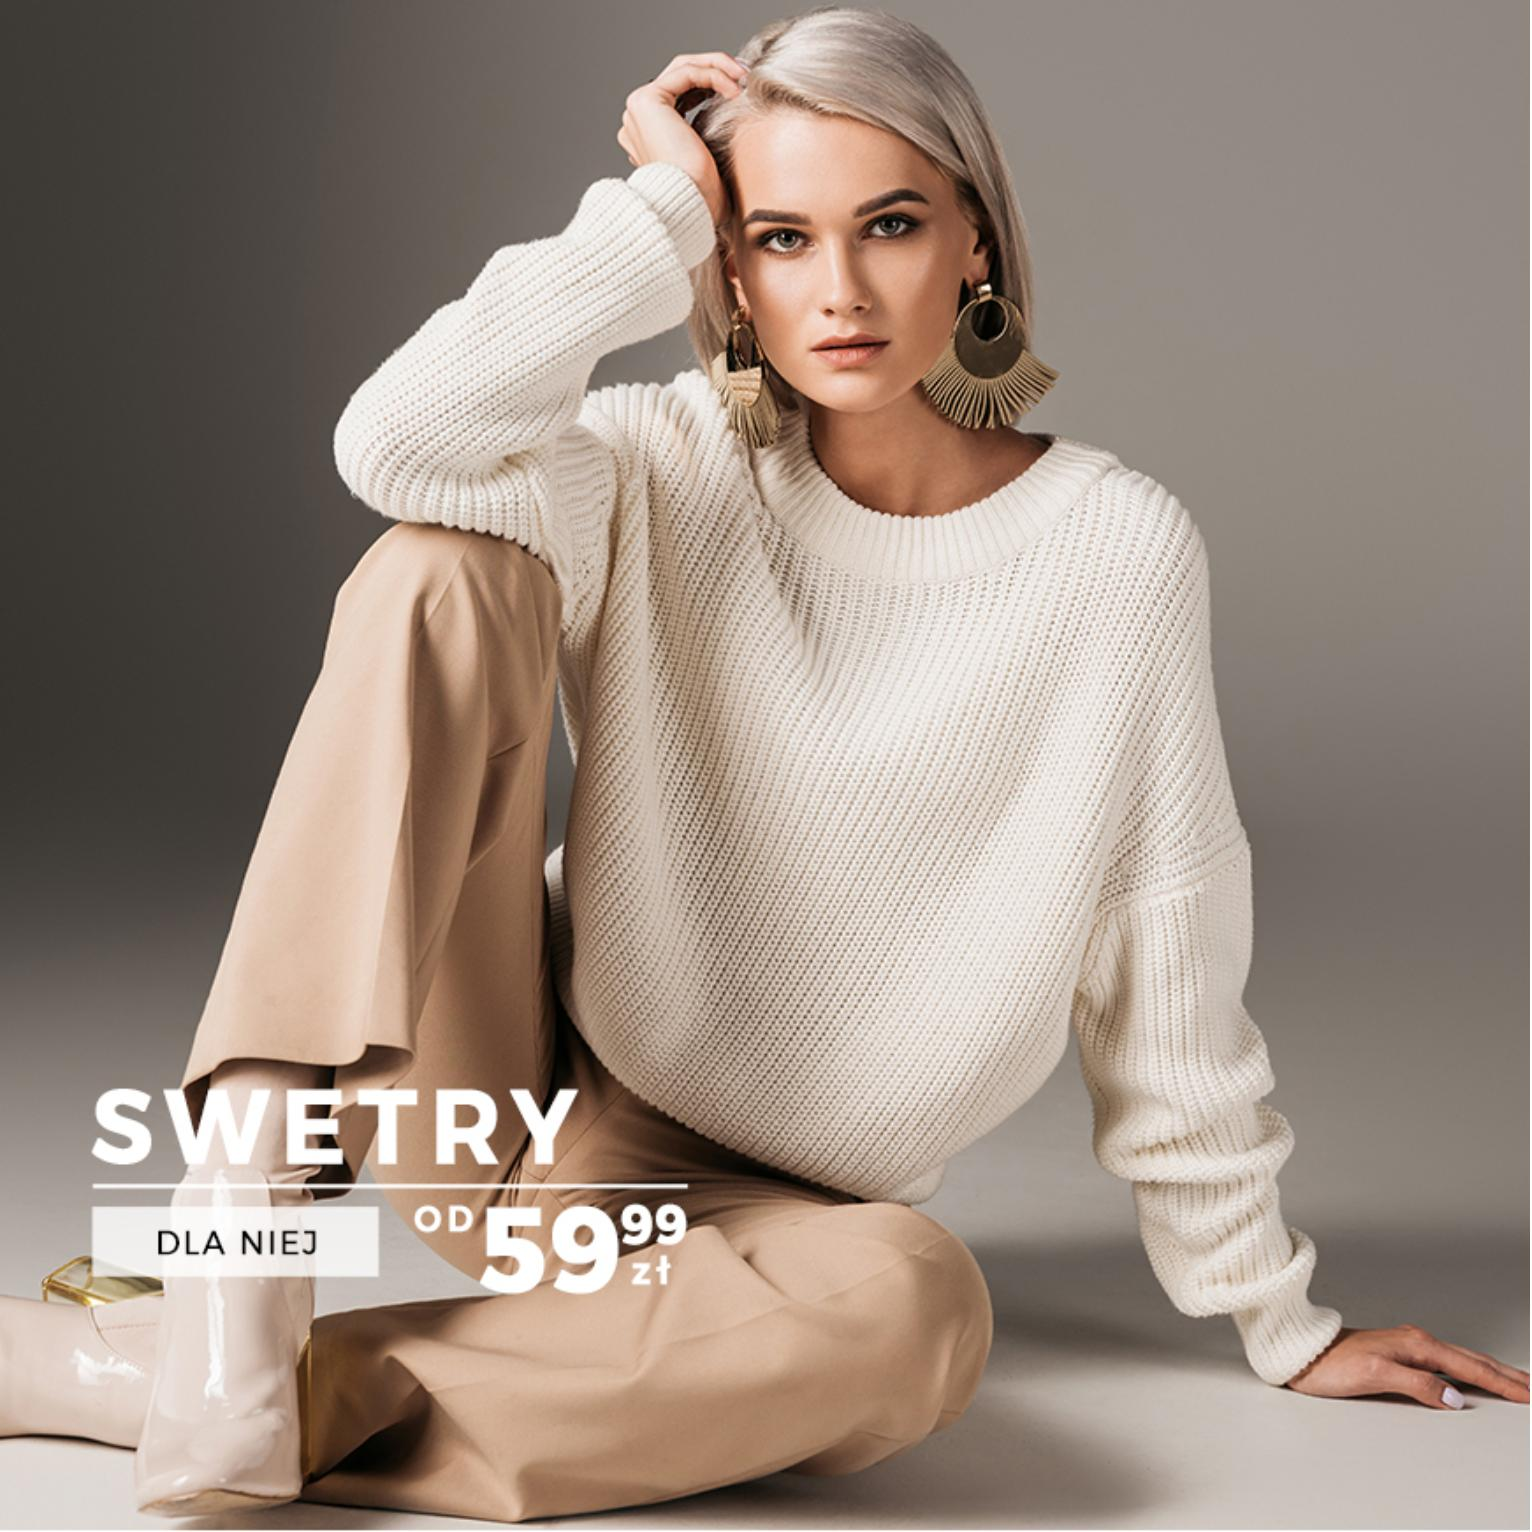 Dstreet: swetry damskie od 59,99 zł